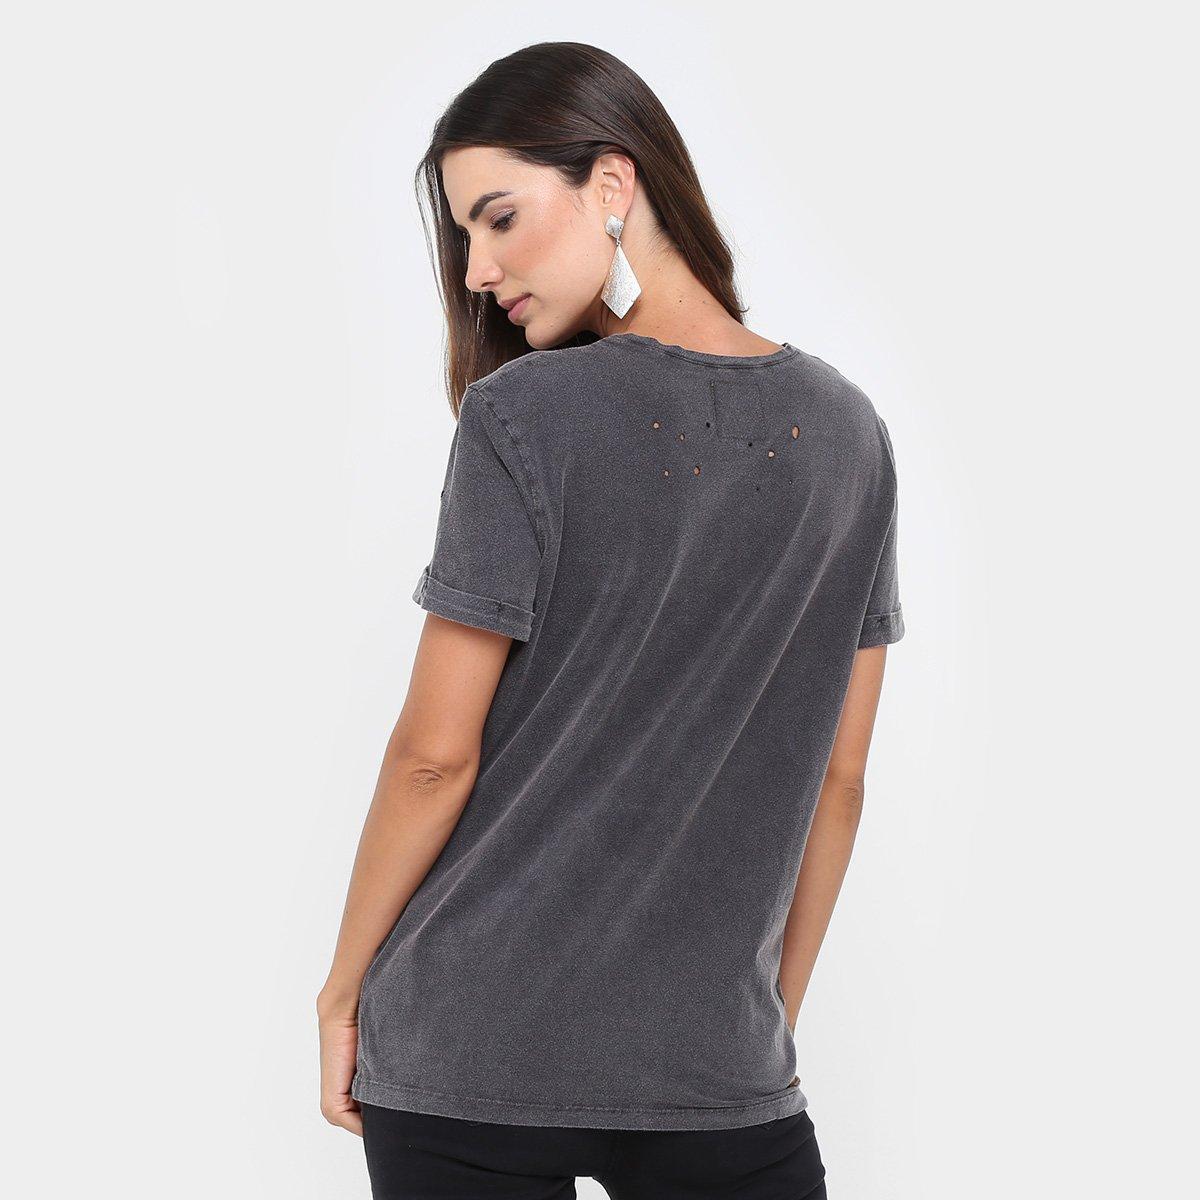 630e78e15f21d Camiseta Colcci Estonada Silk Furos Feminina - Compre Agora   Zattini